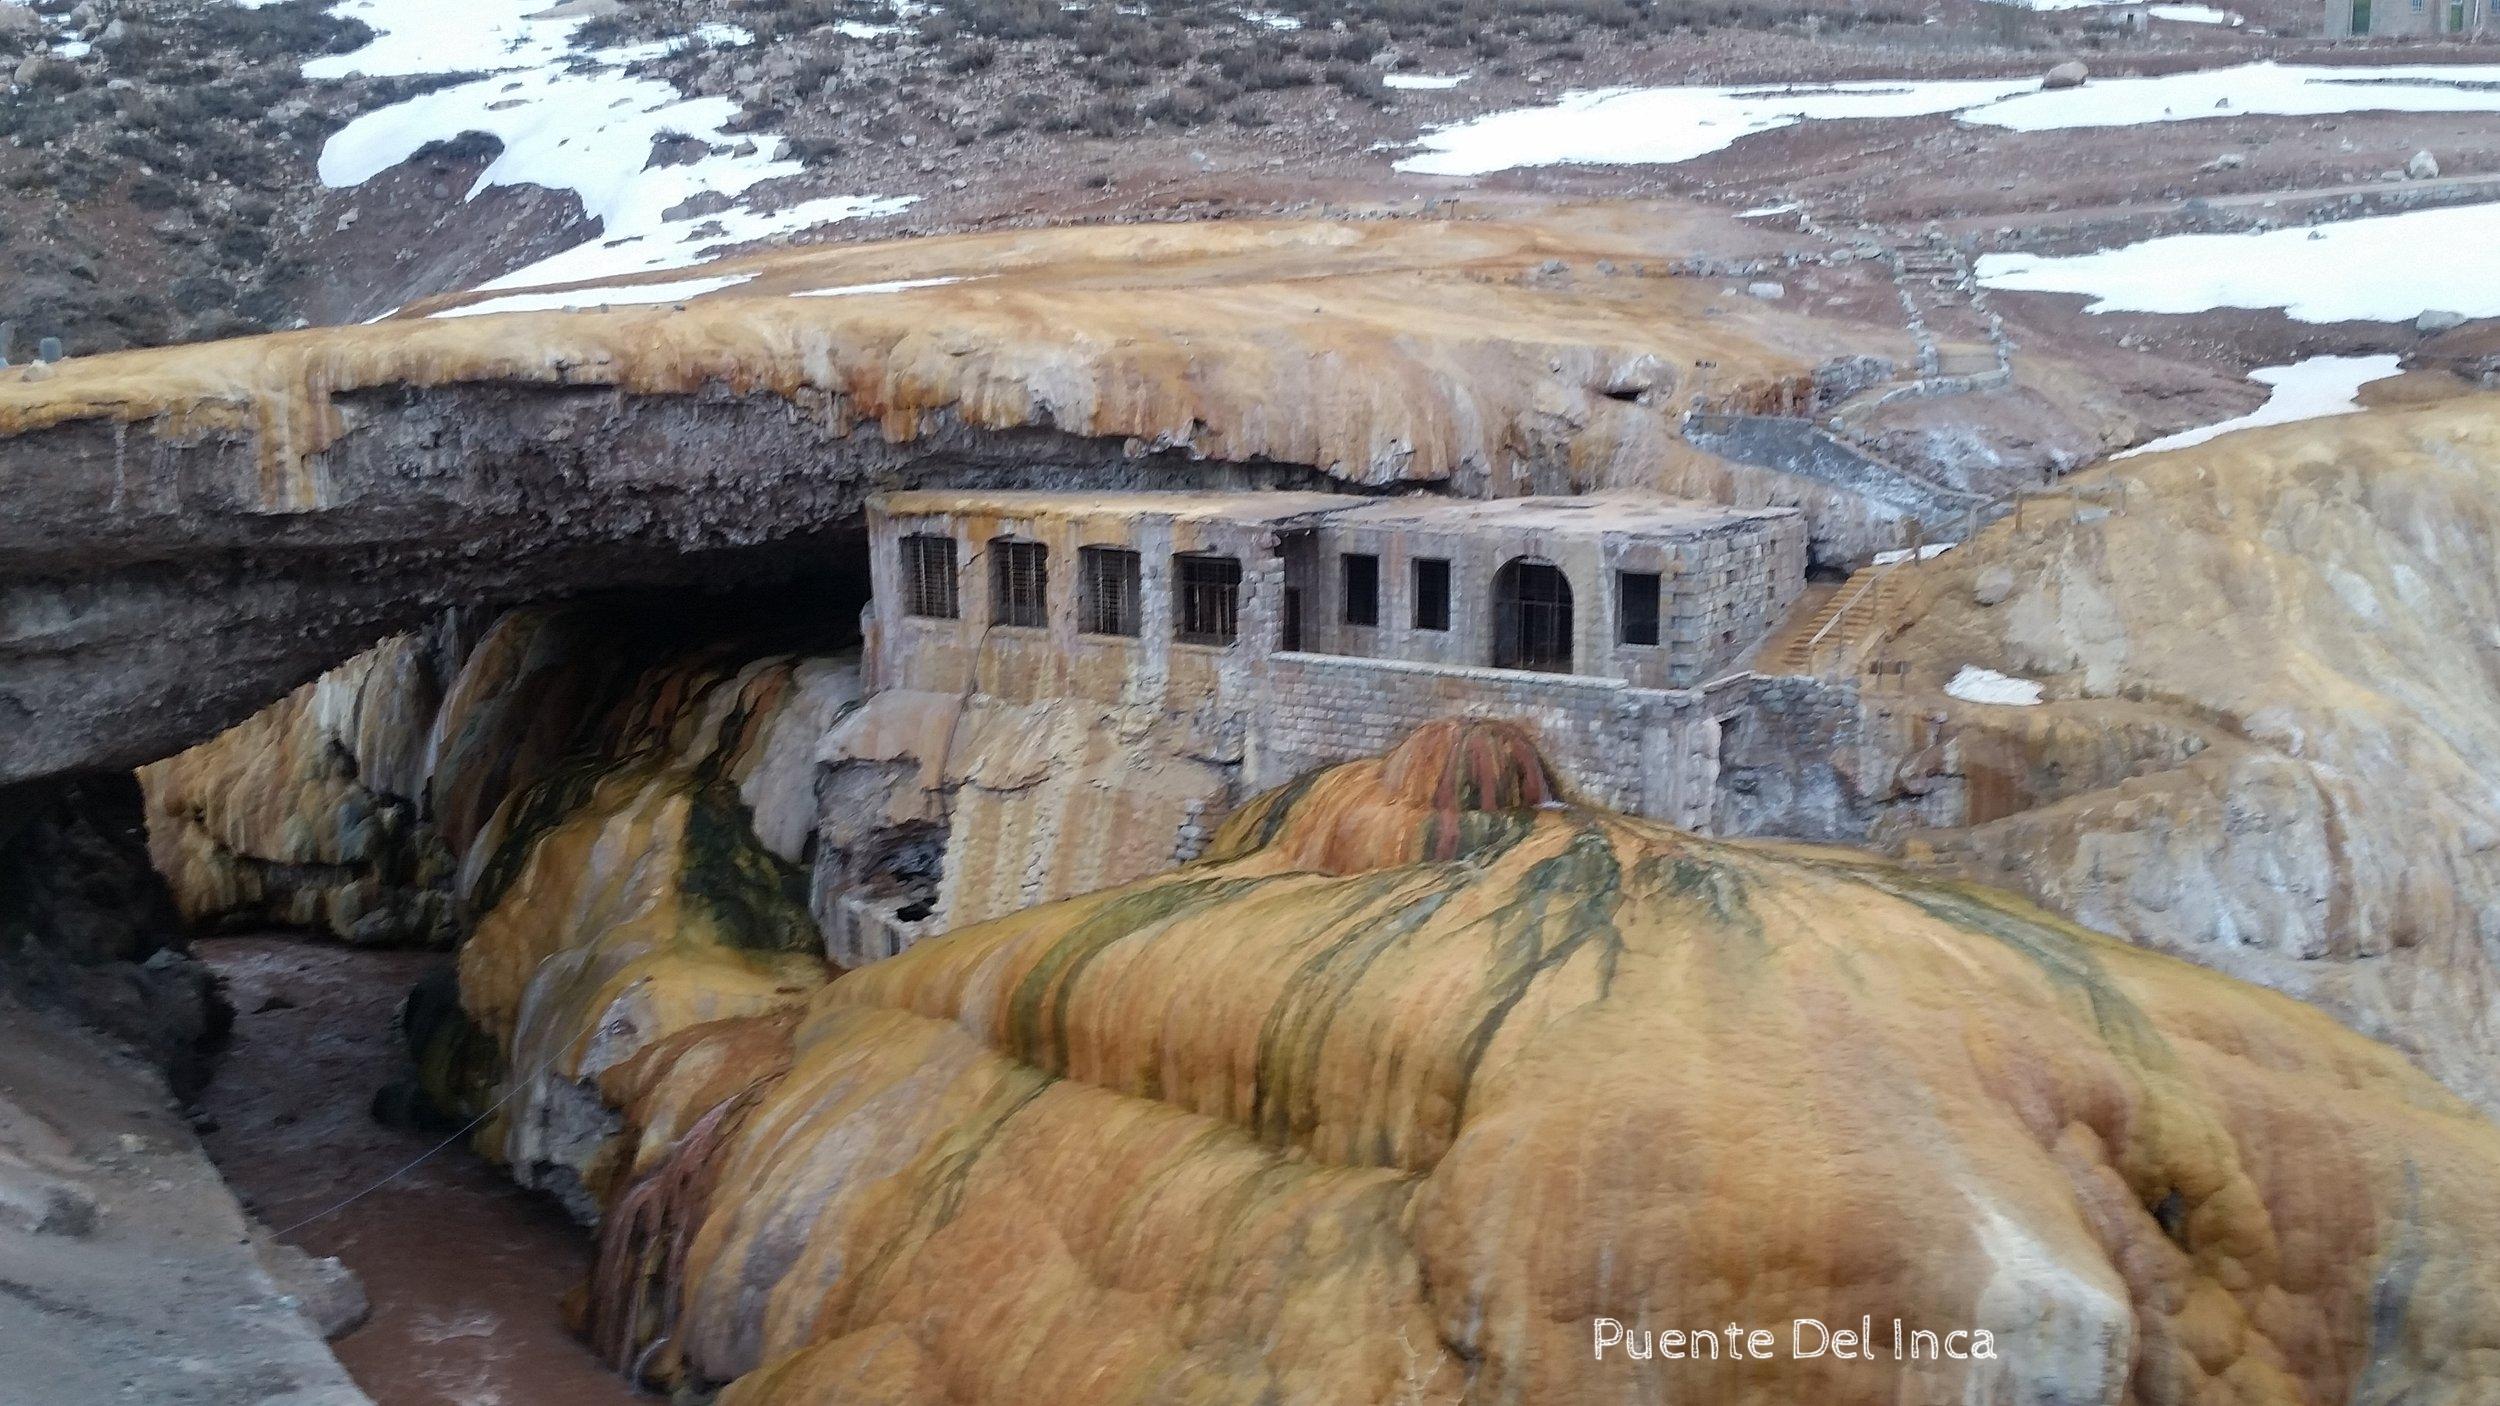 Puente del Inca (2015)